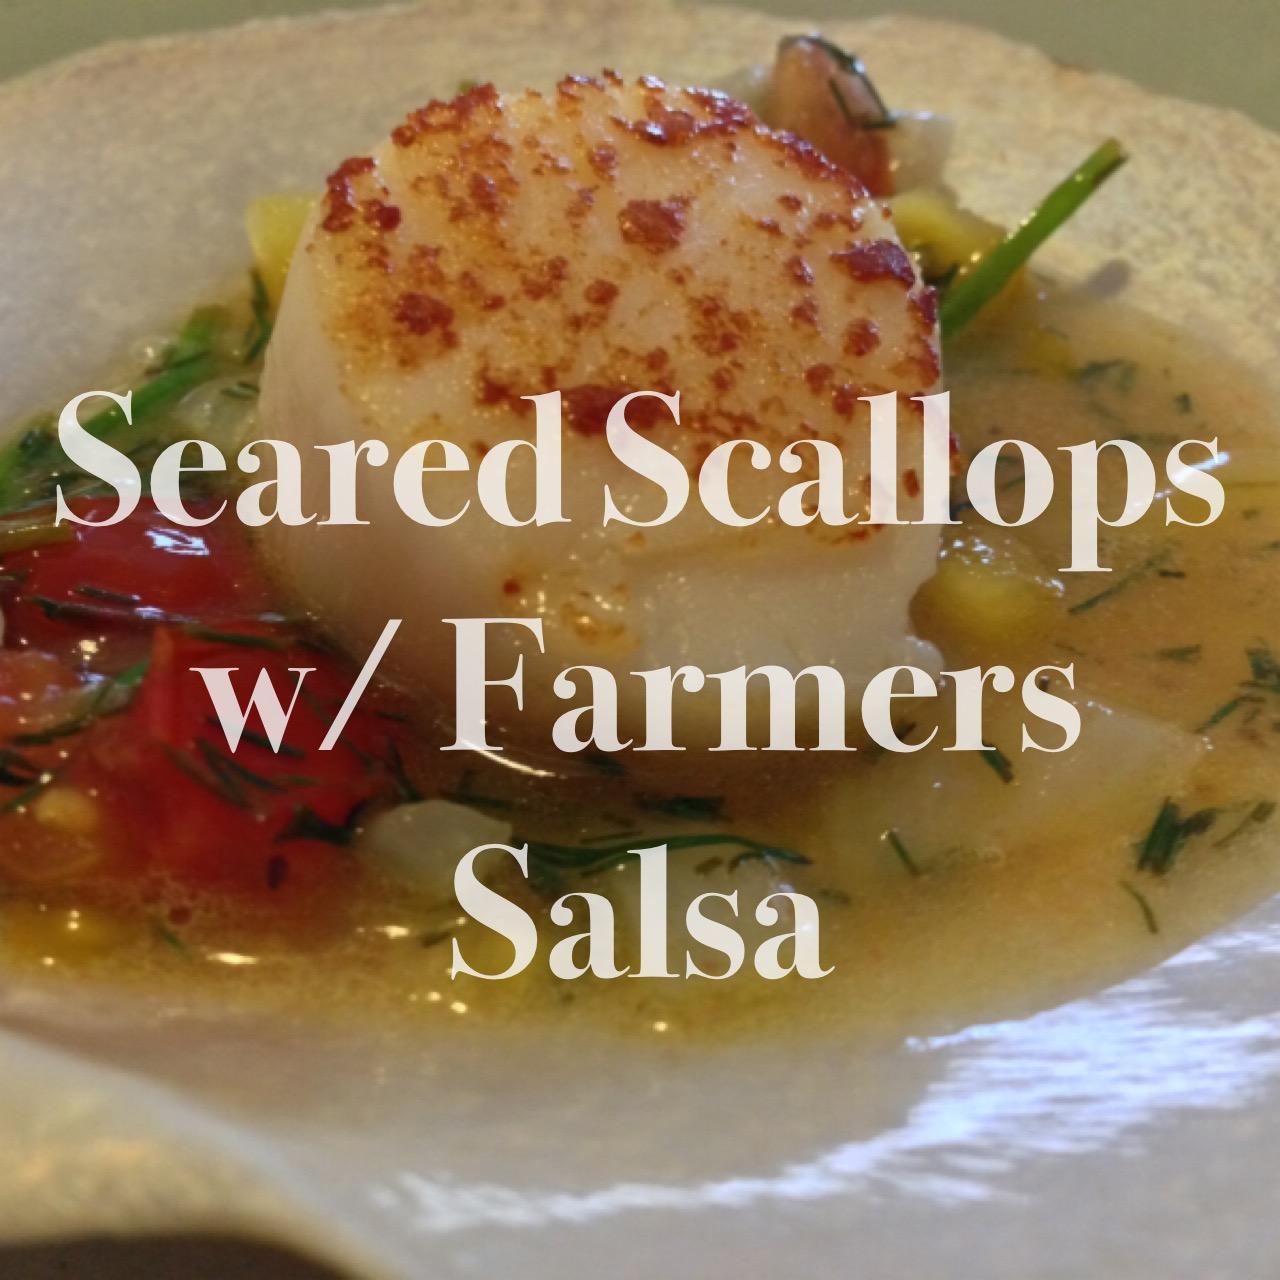 Seared Sea Scallops with Farmer's Salsa recipe